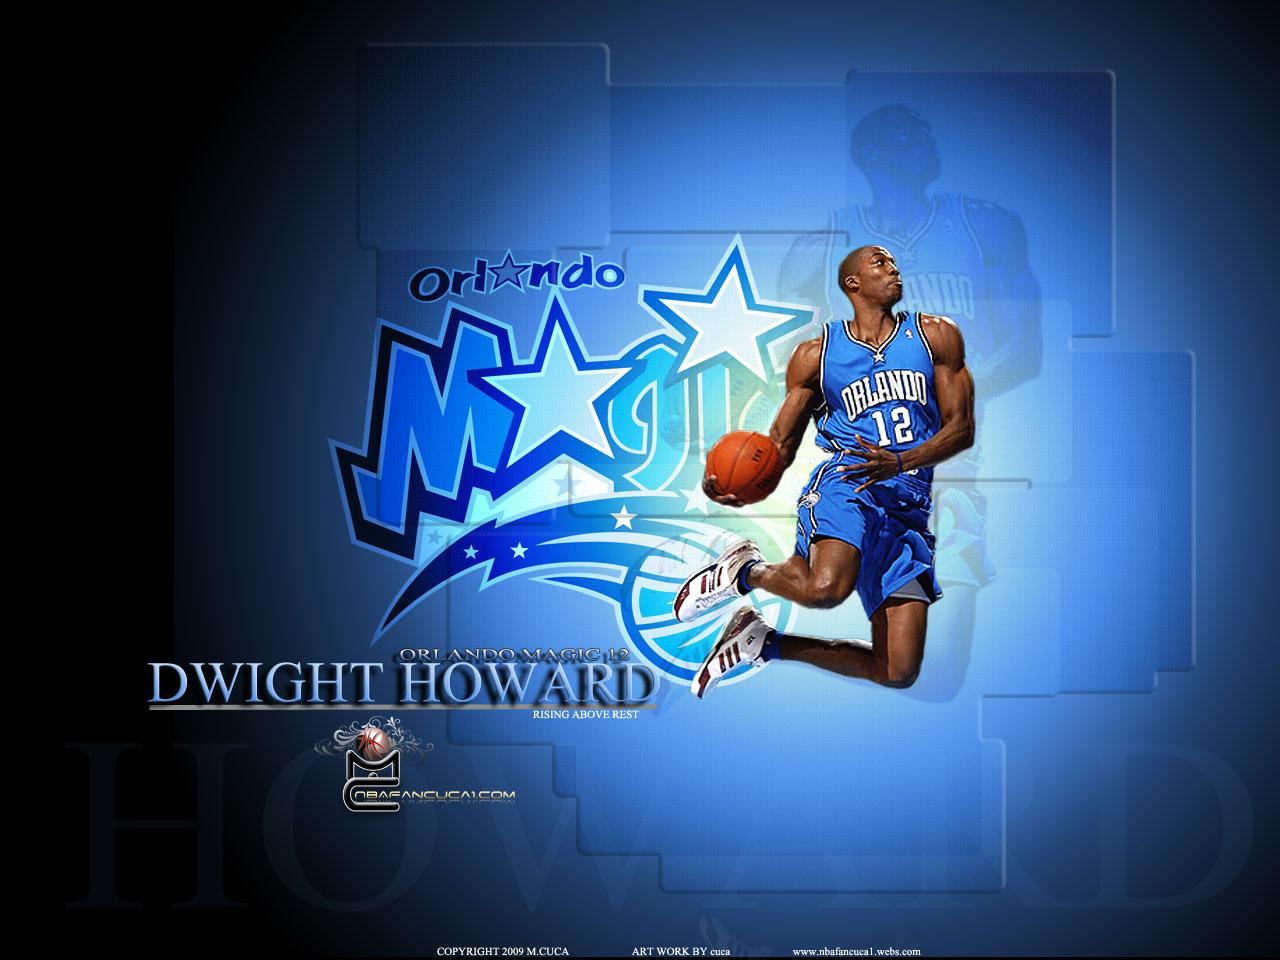 NBA最奇葩的球隊:平均每五年出一個超級巨星,但總冠軍數為零?